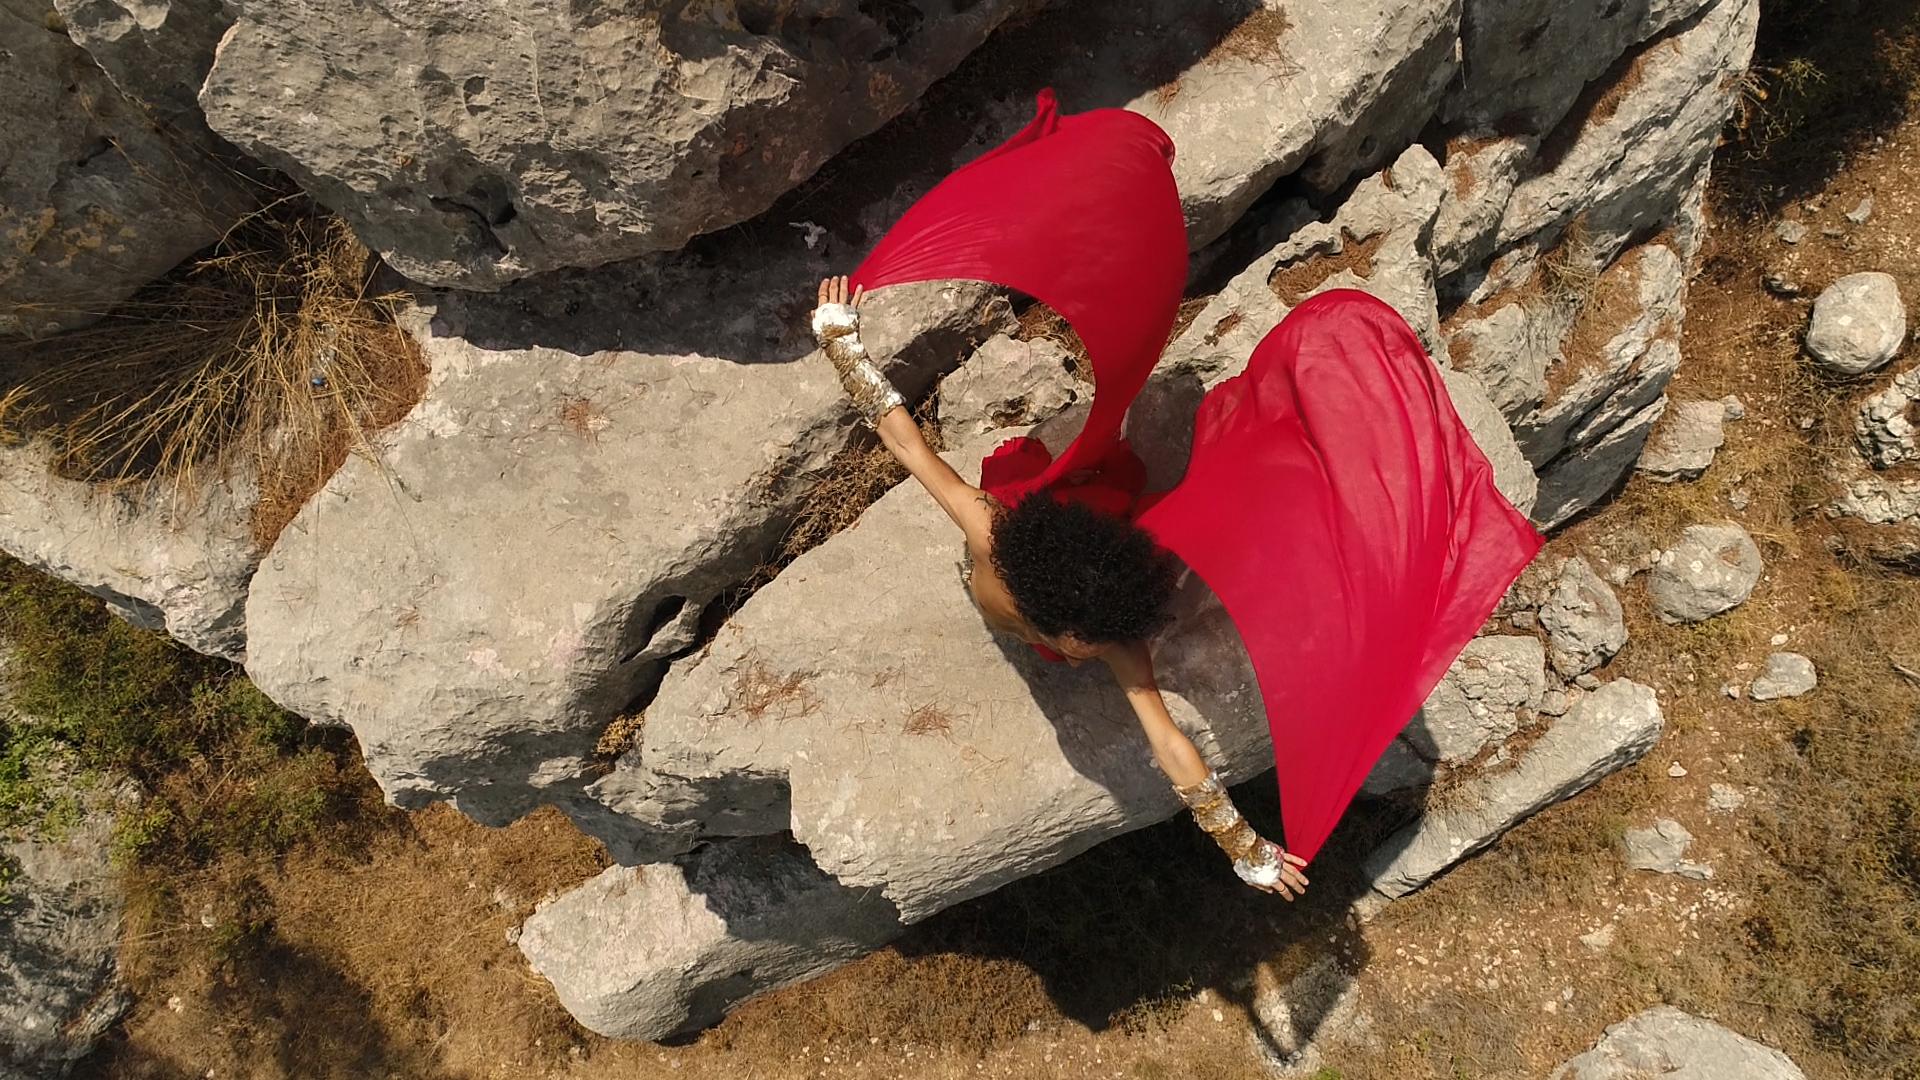 Manden i den røde kjole